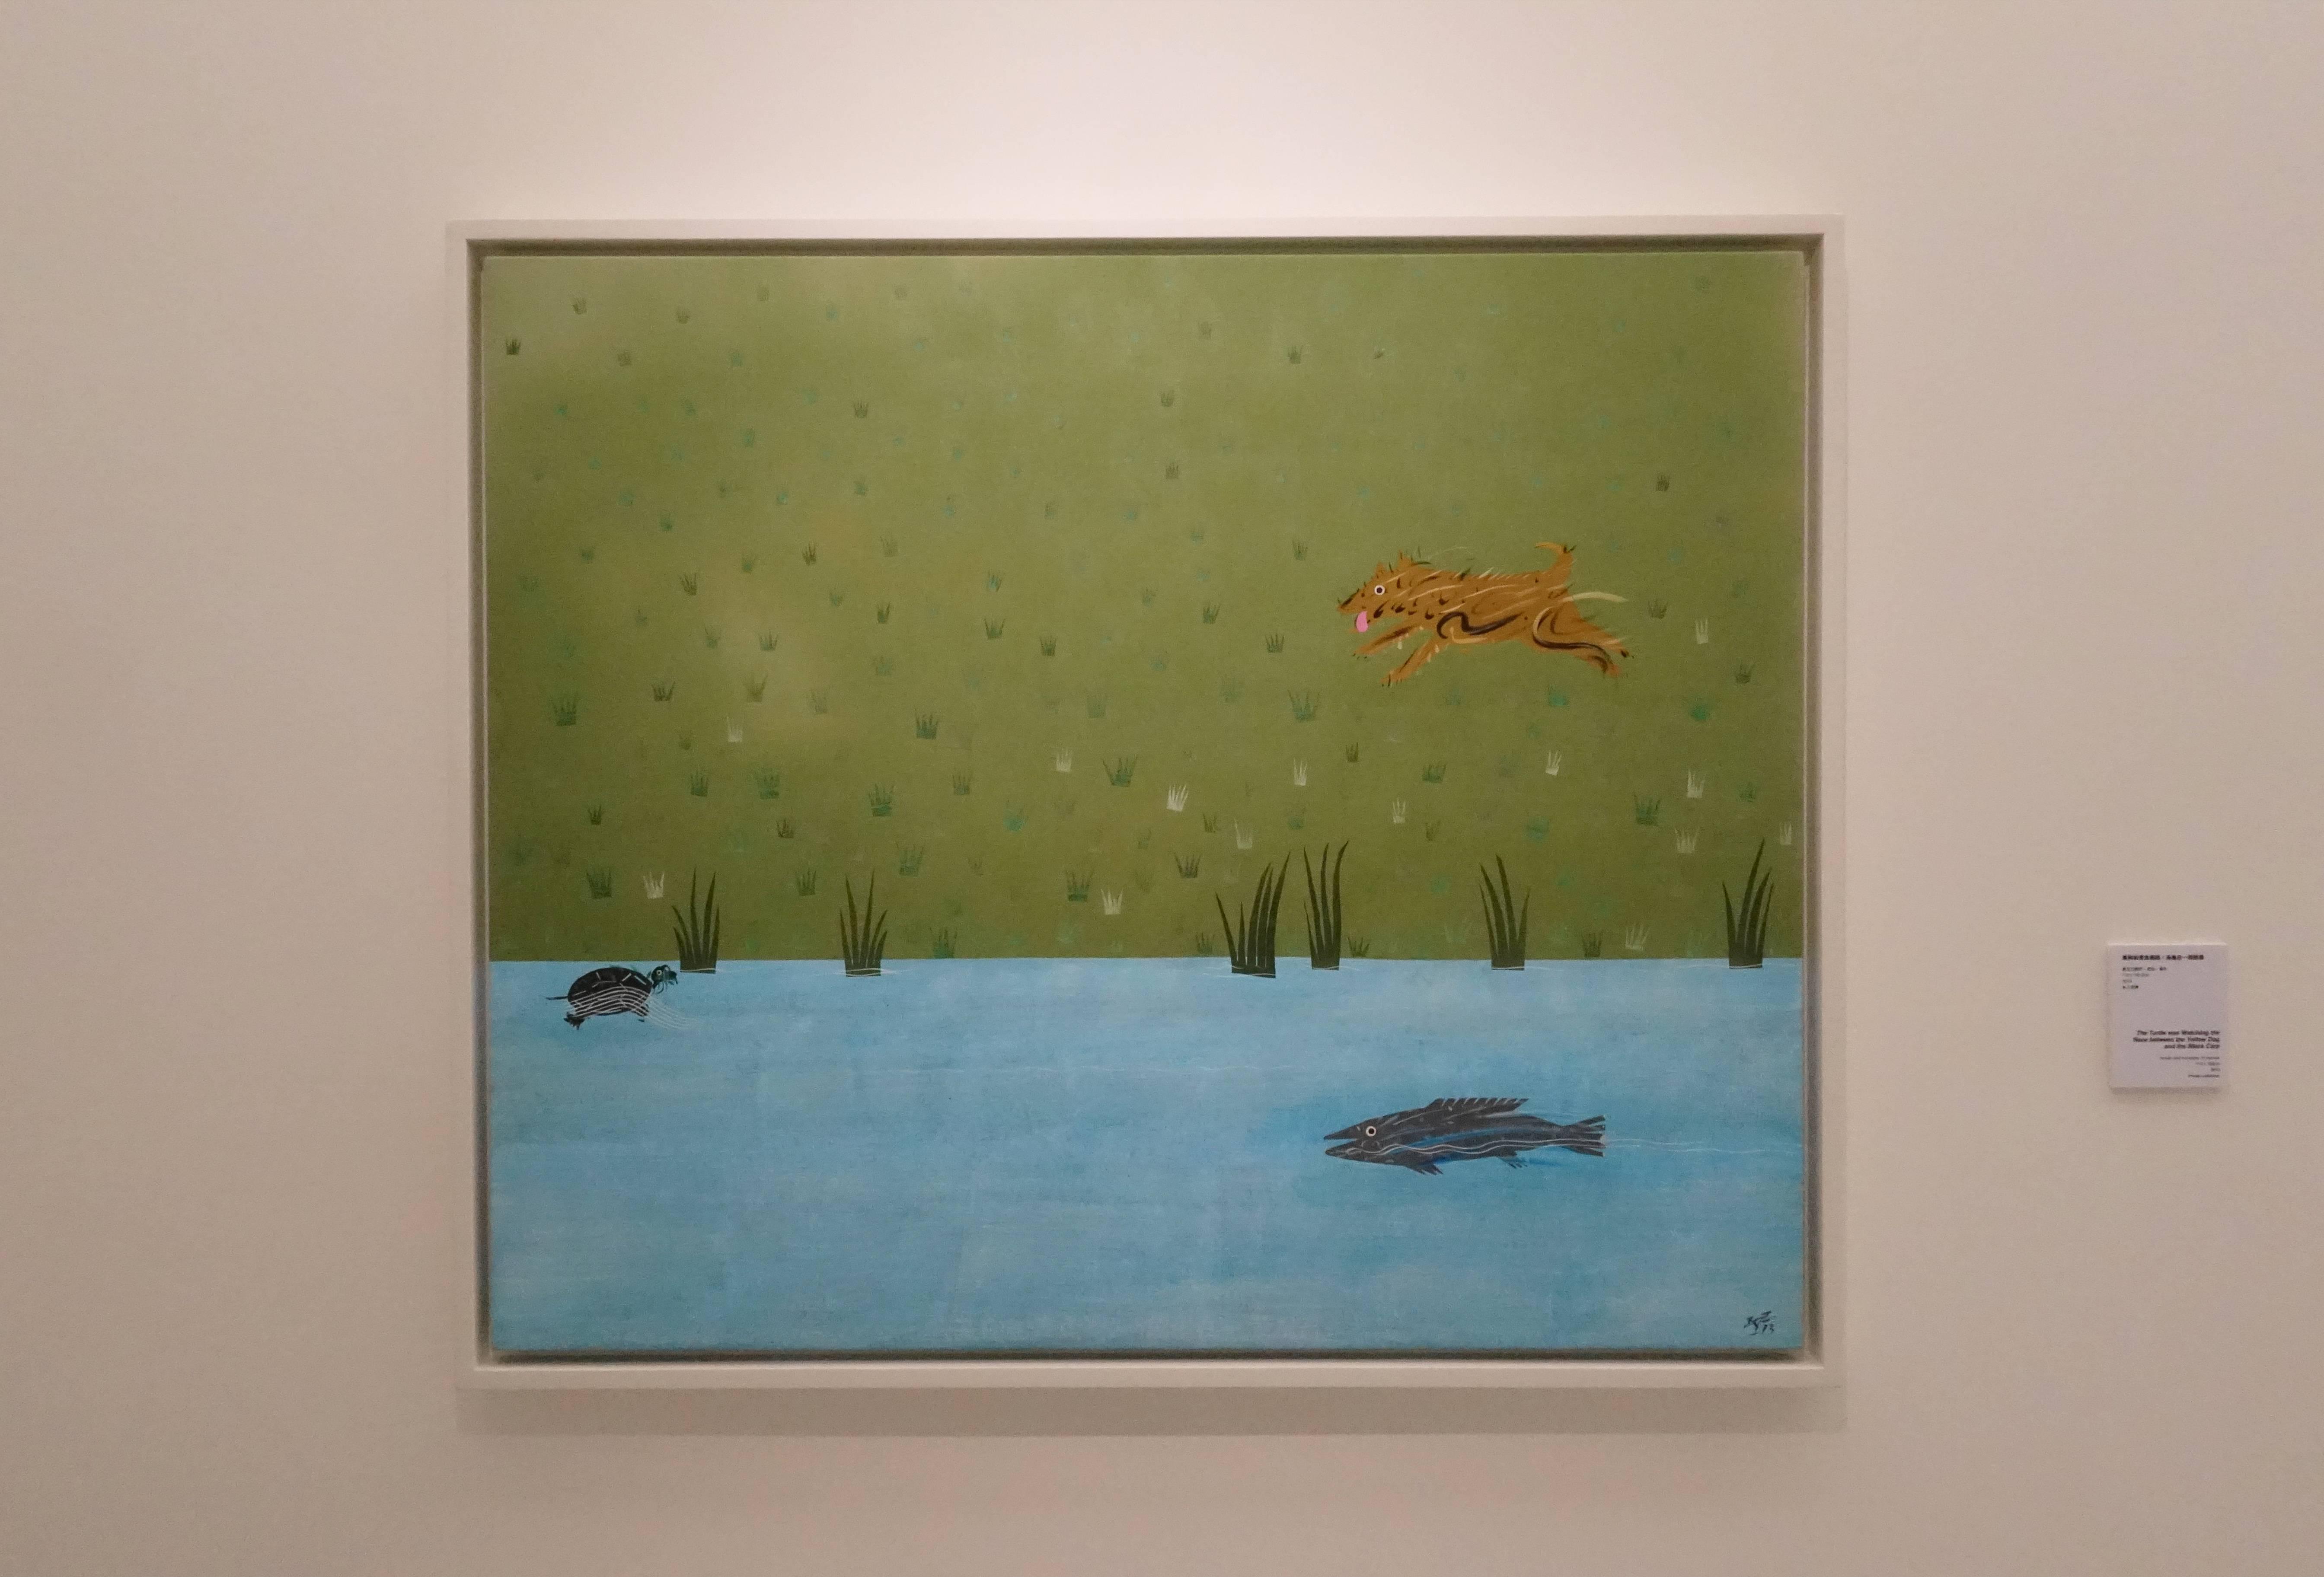 夏陽,《黃狗和青魚賽跑,烏龜在一旁觀看》。